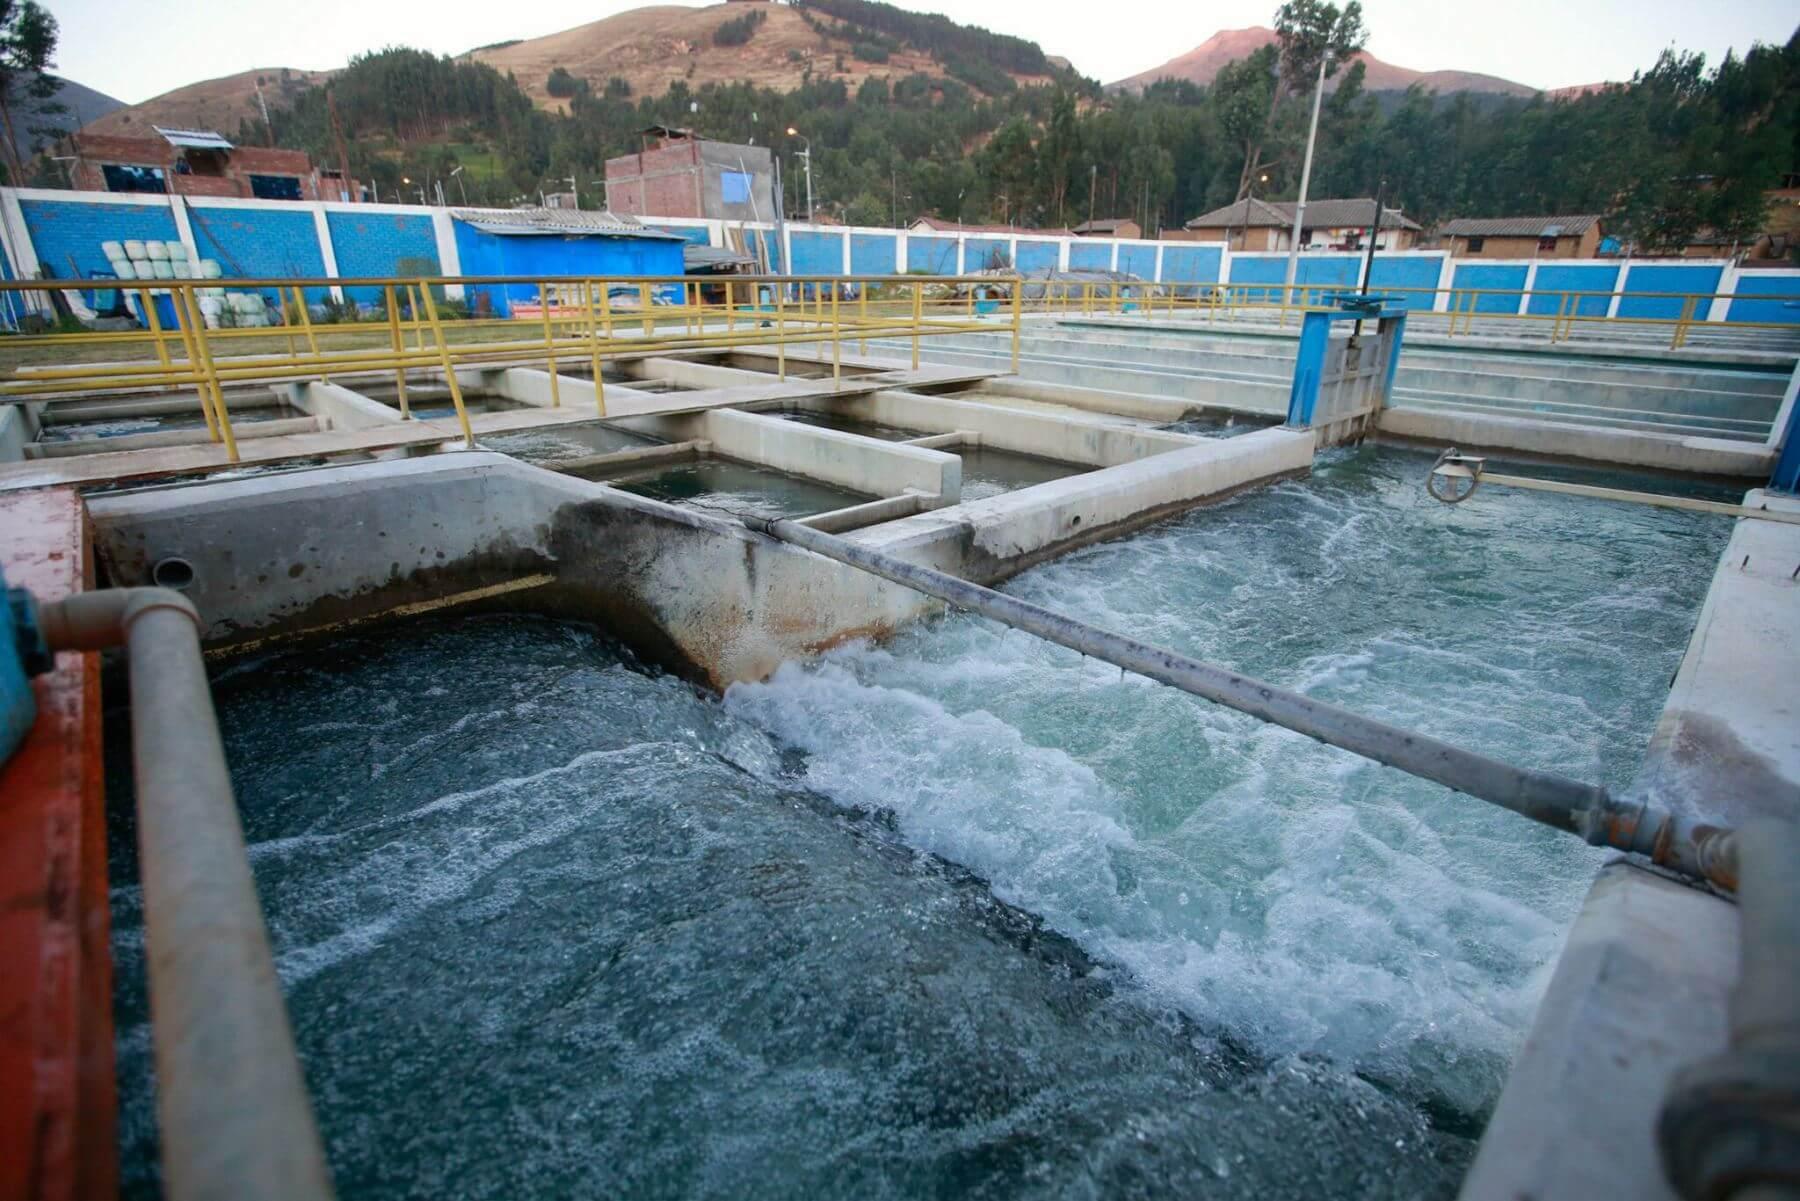 Agua potable y minería: empresa invertirá S/ 137 millones en sistema hídrico